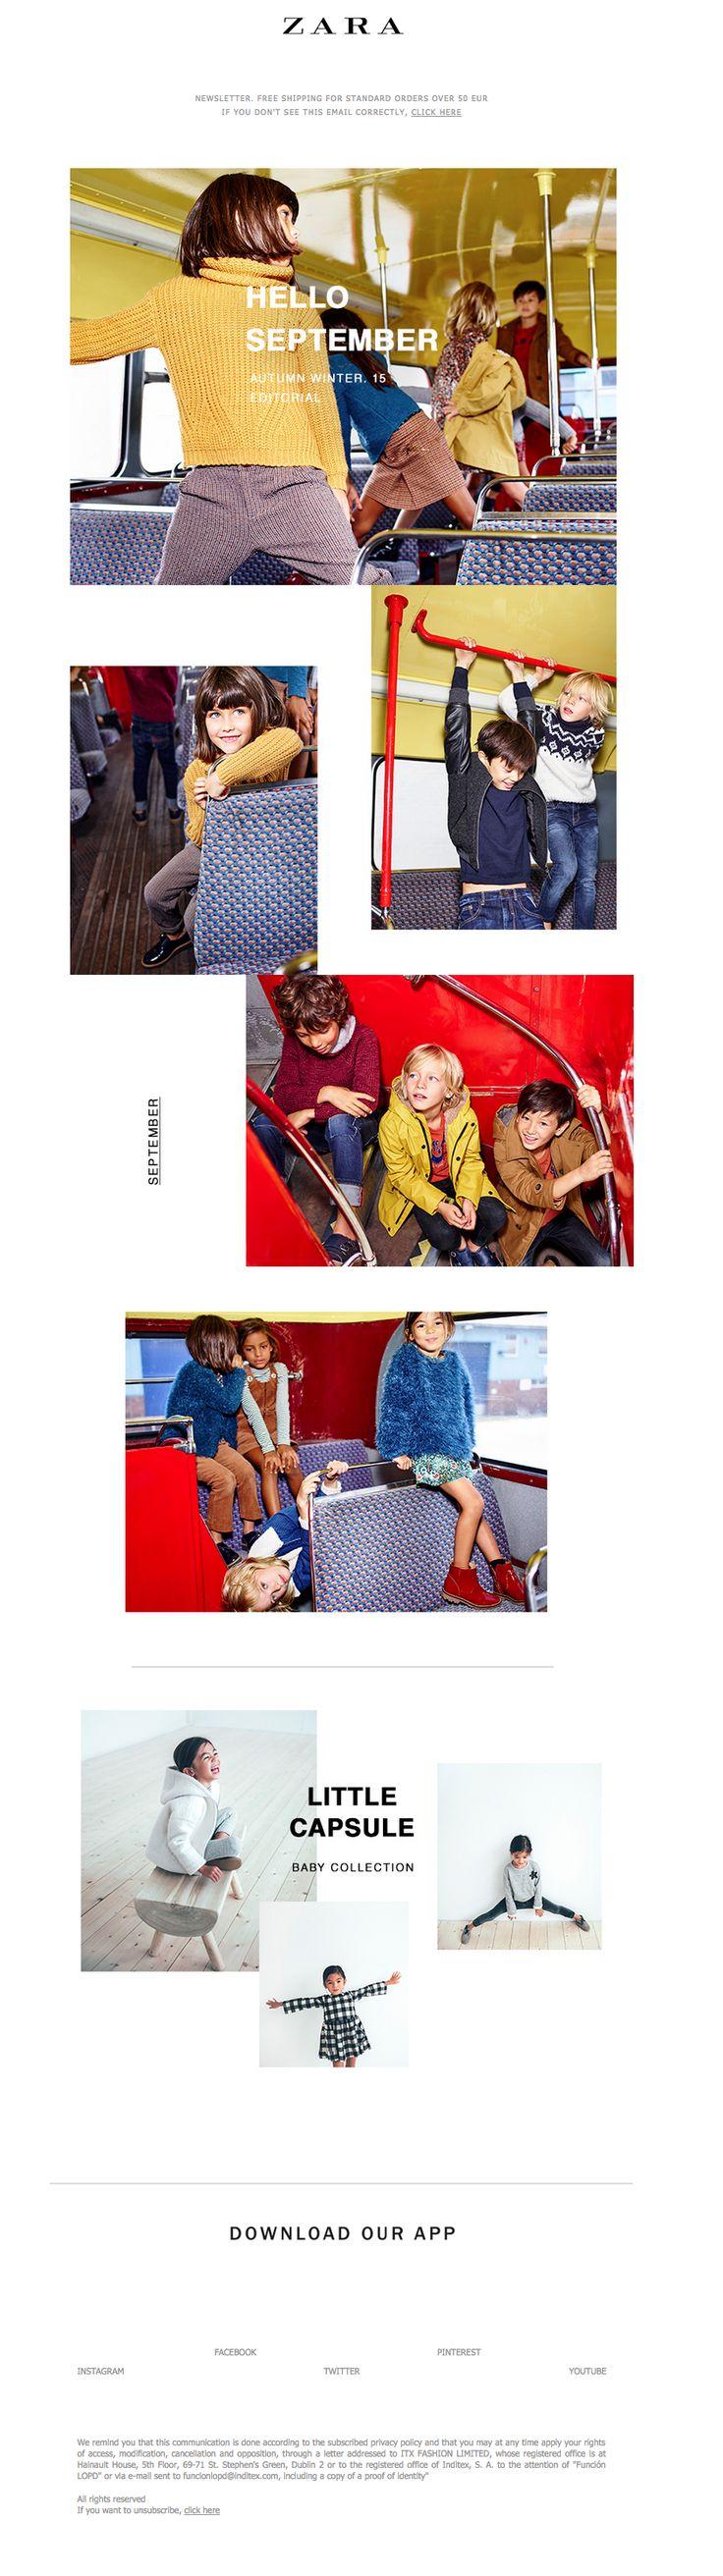 Zara poster design - Zara Newsletter L Hello September Kids Baby